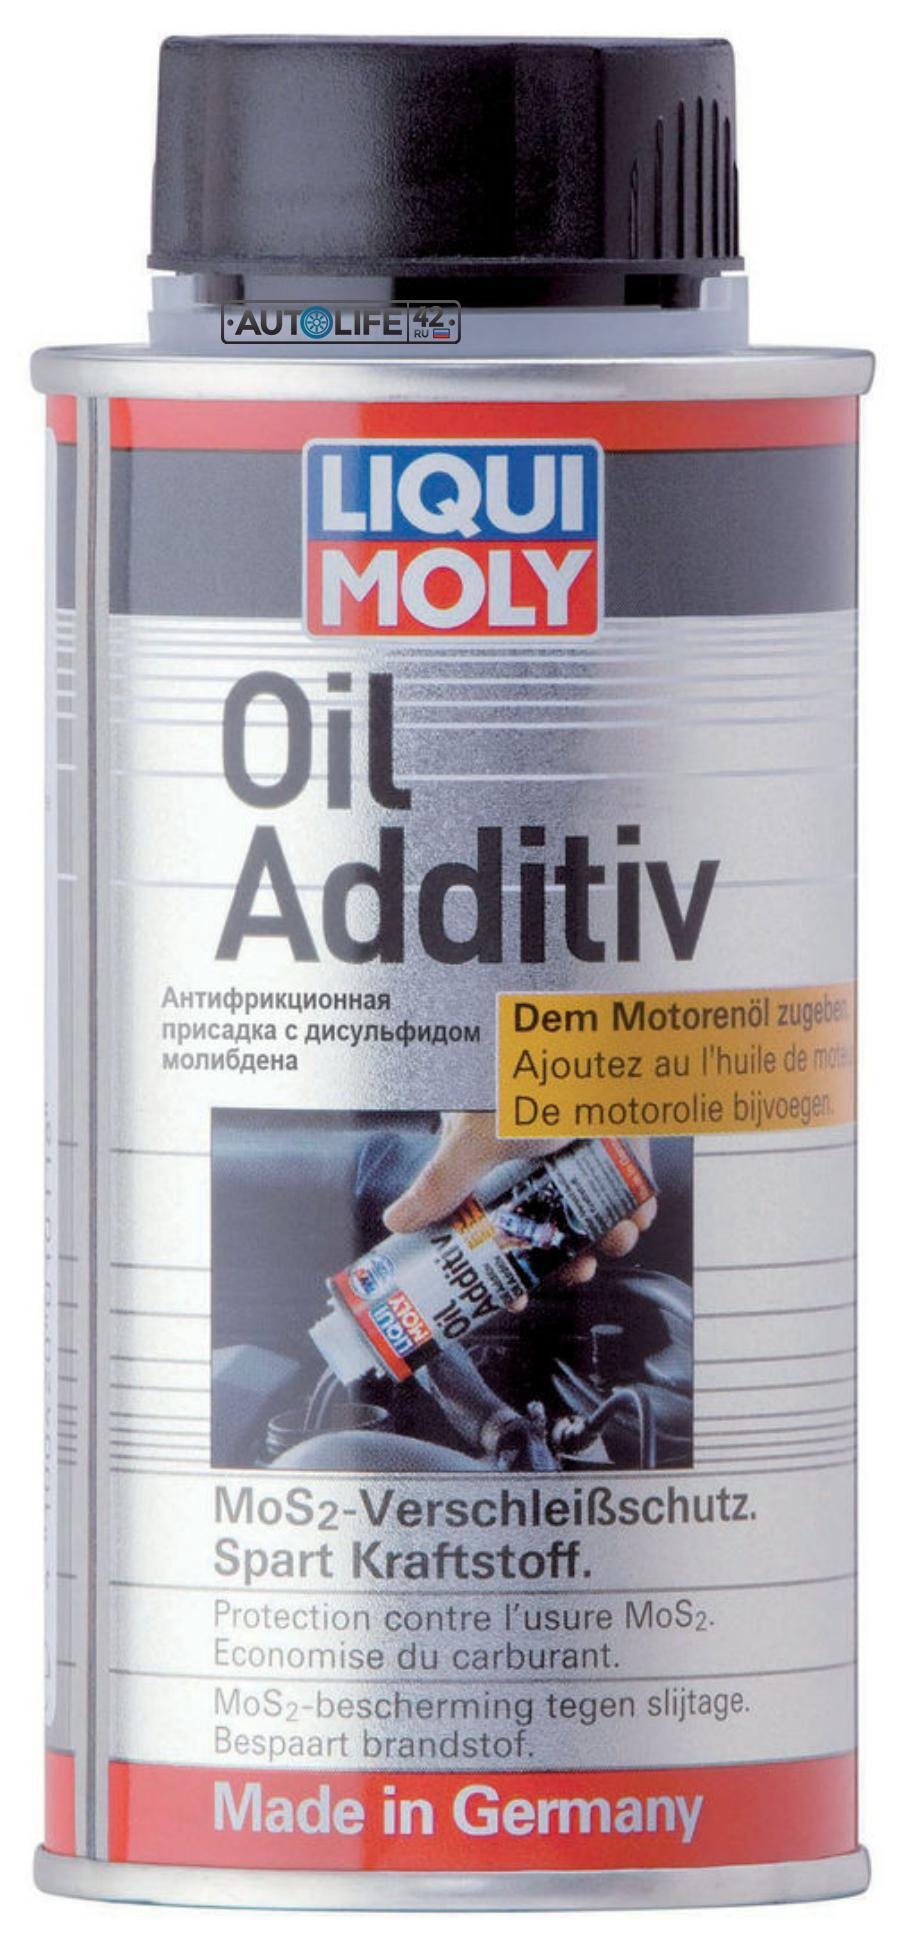 Антифрикционная присадка с дисульфидом молибдена в моторное масло